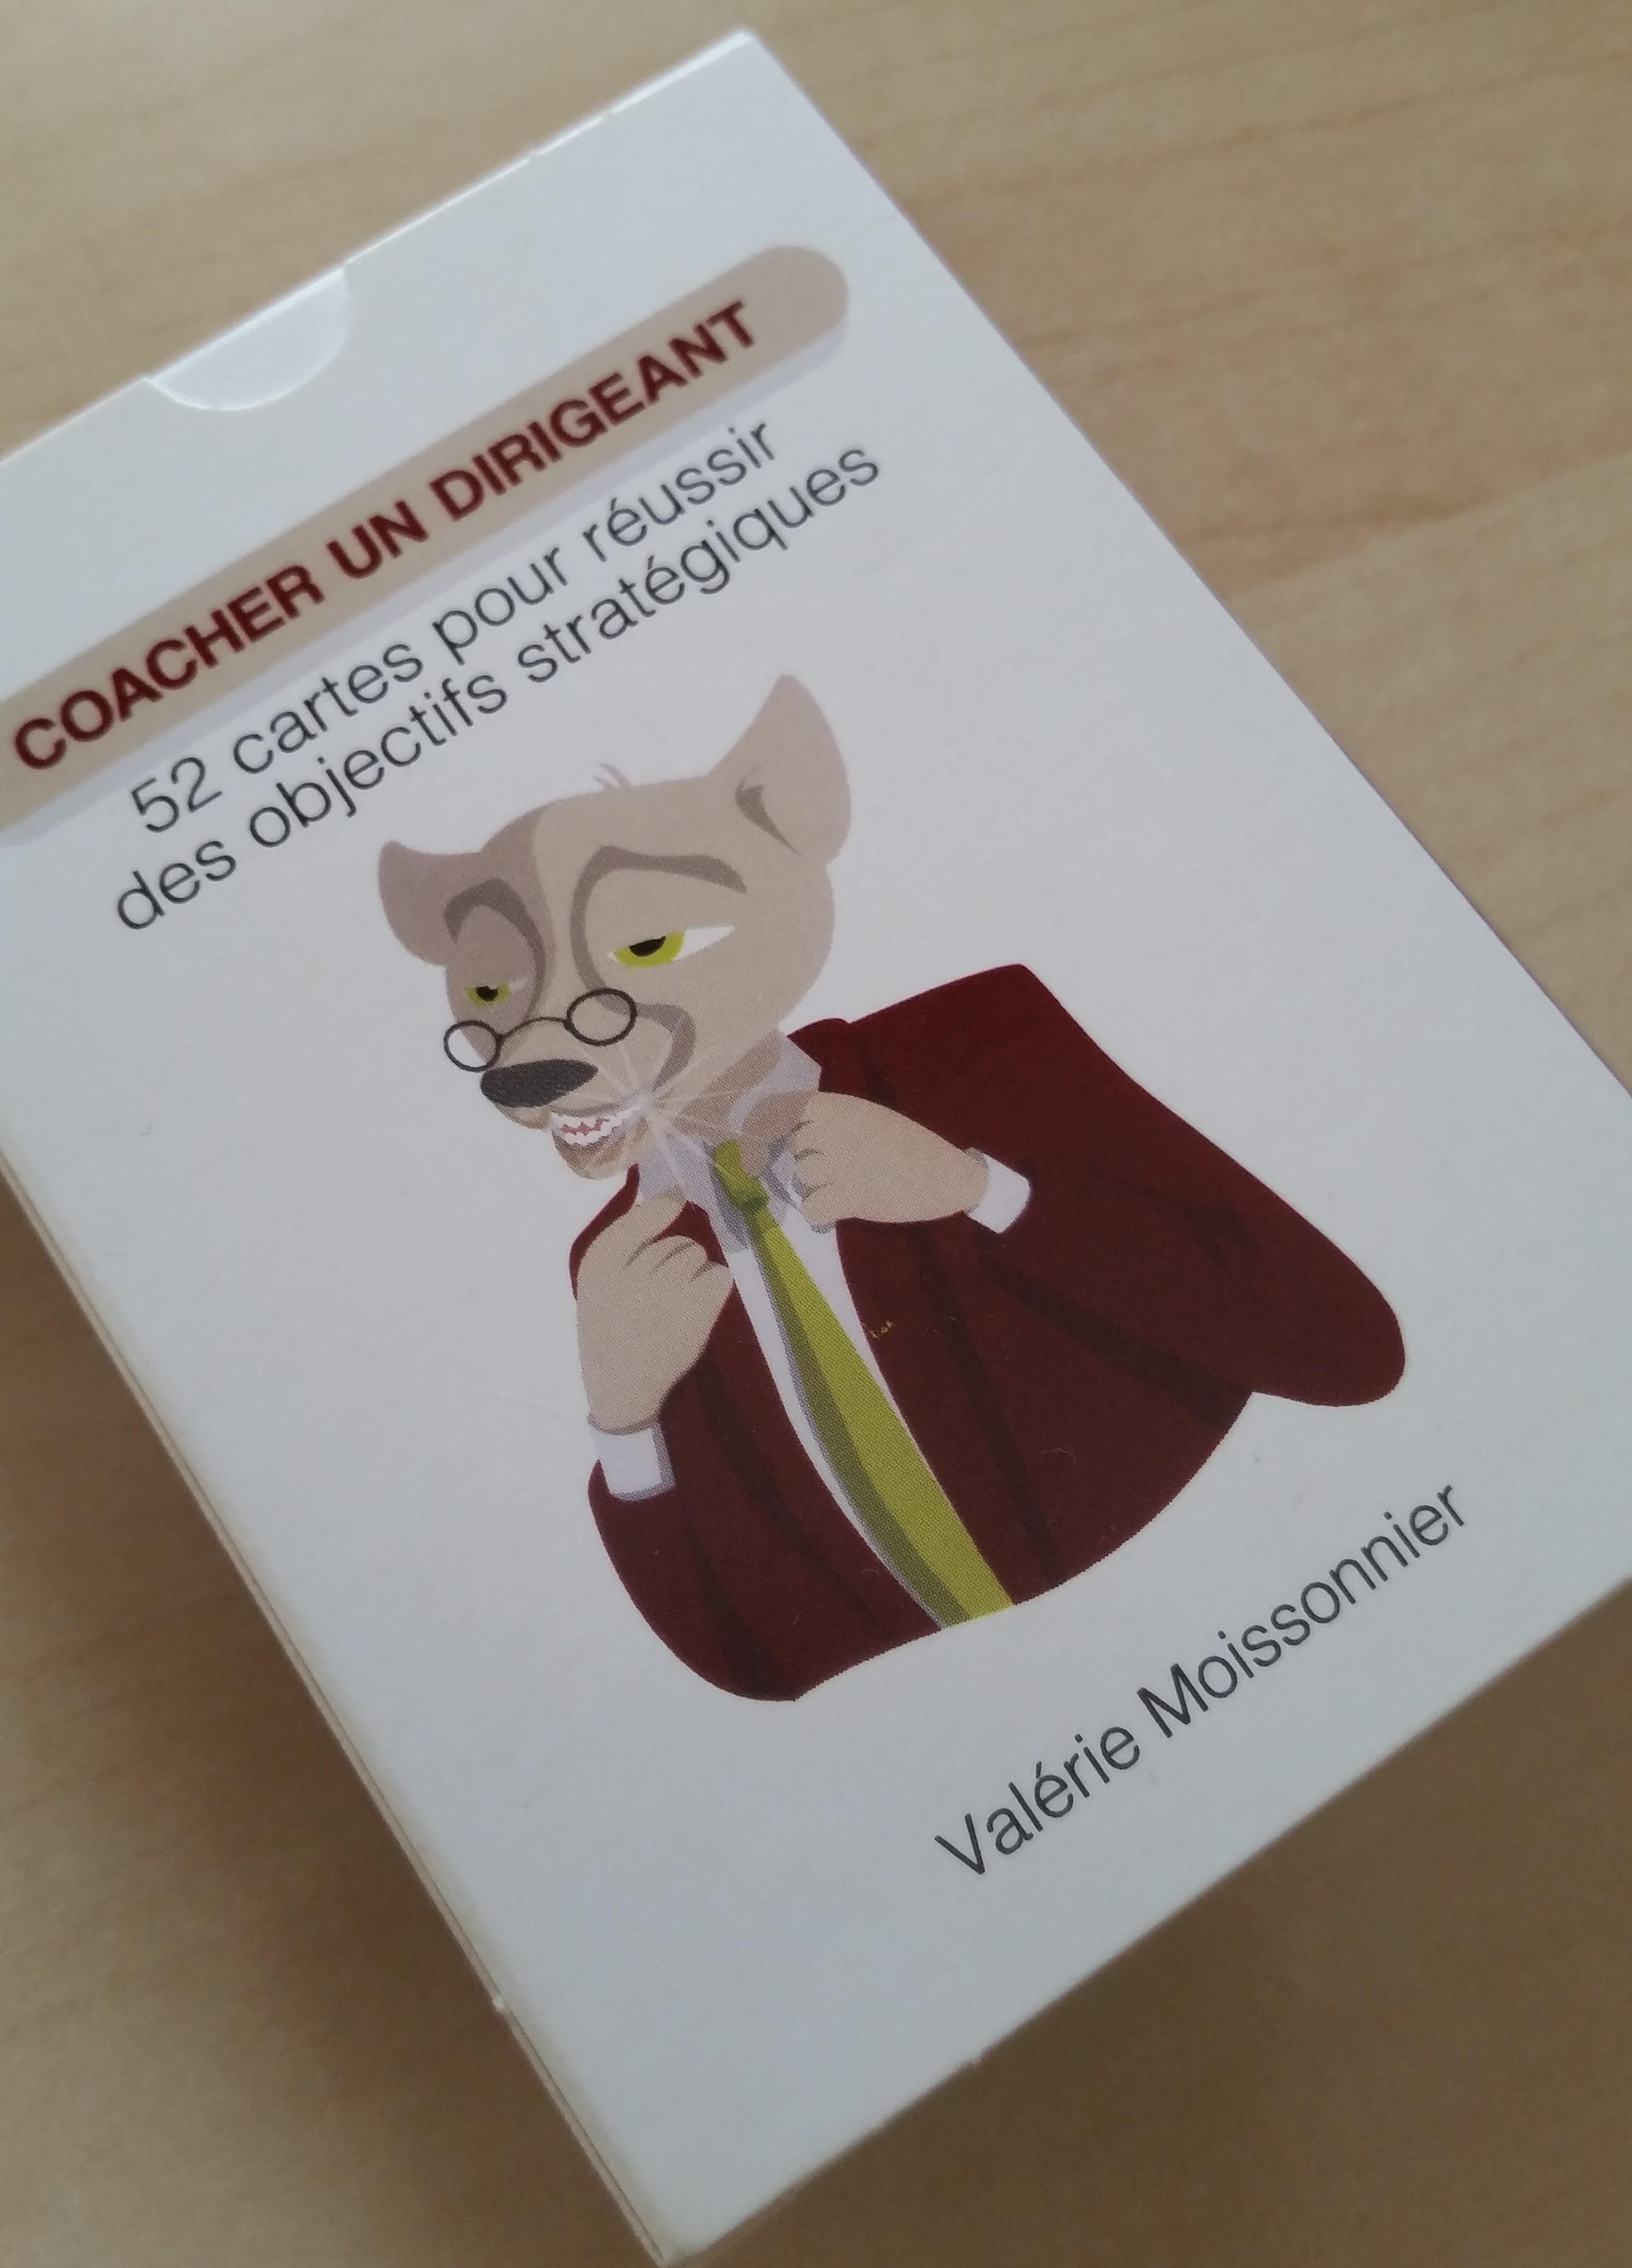 coacher un dirigeant